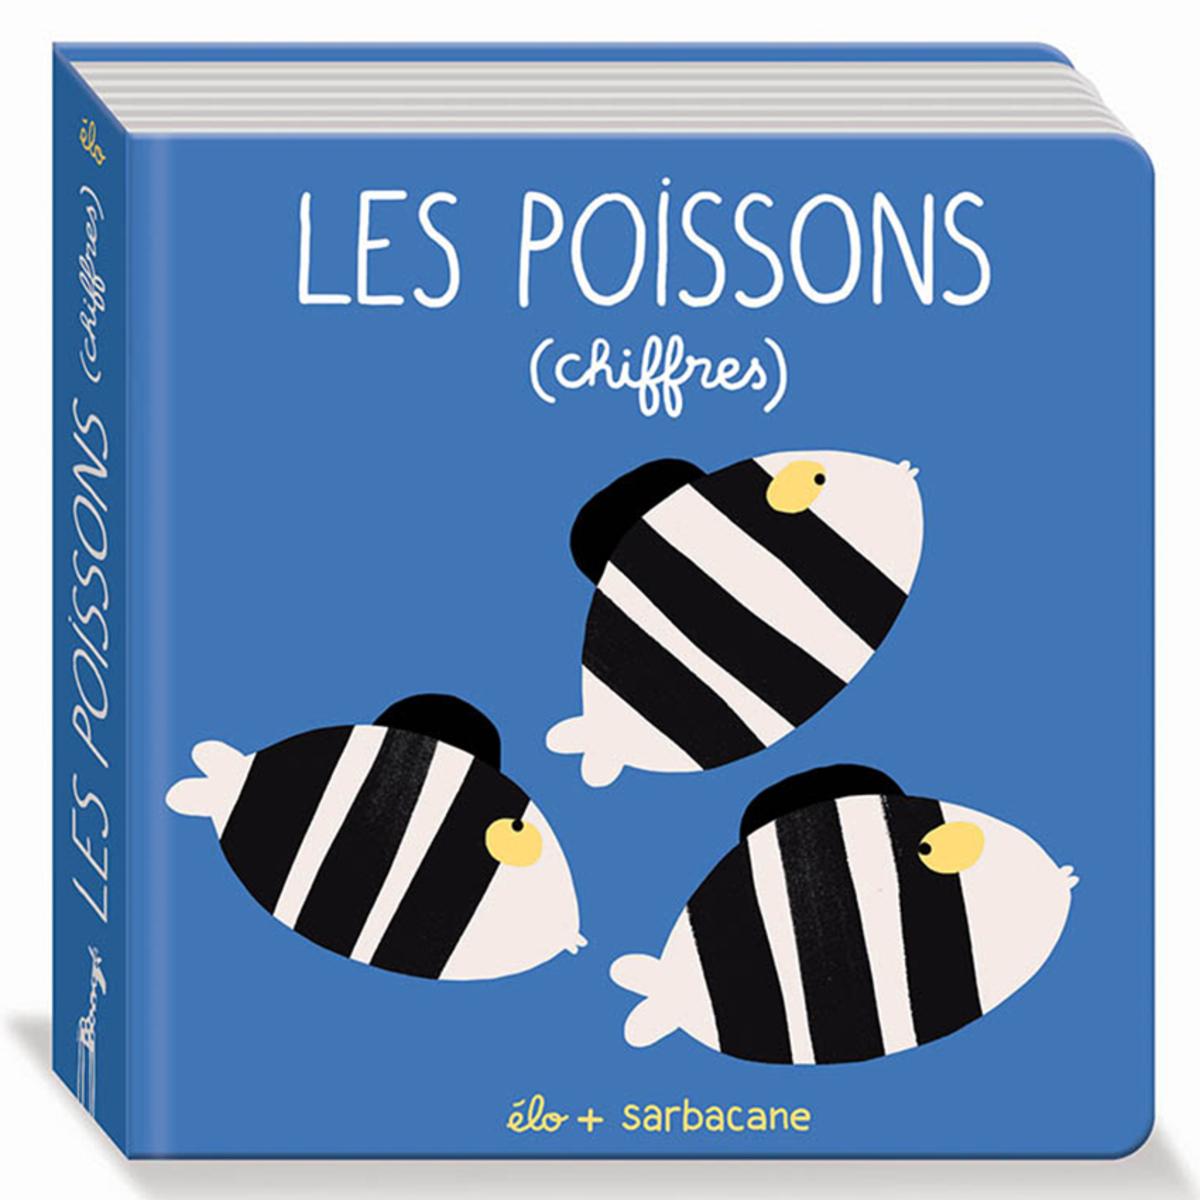 Livre & Carte Les Poissons - Chiffres Les Poissons - Chiffres